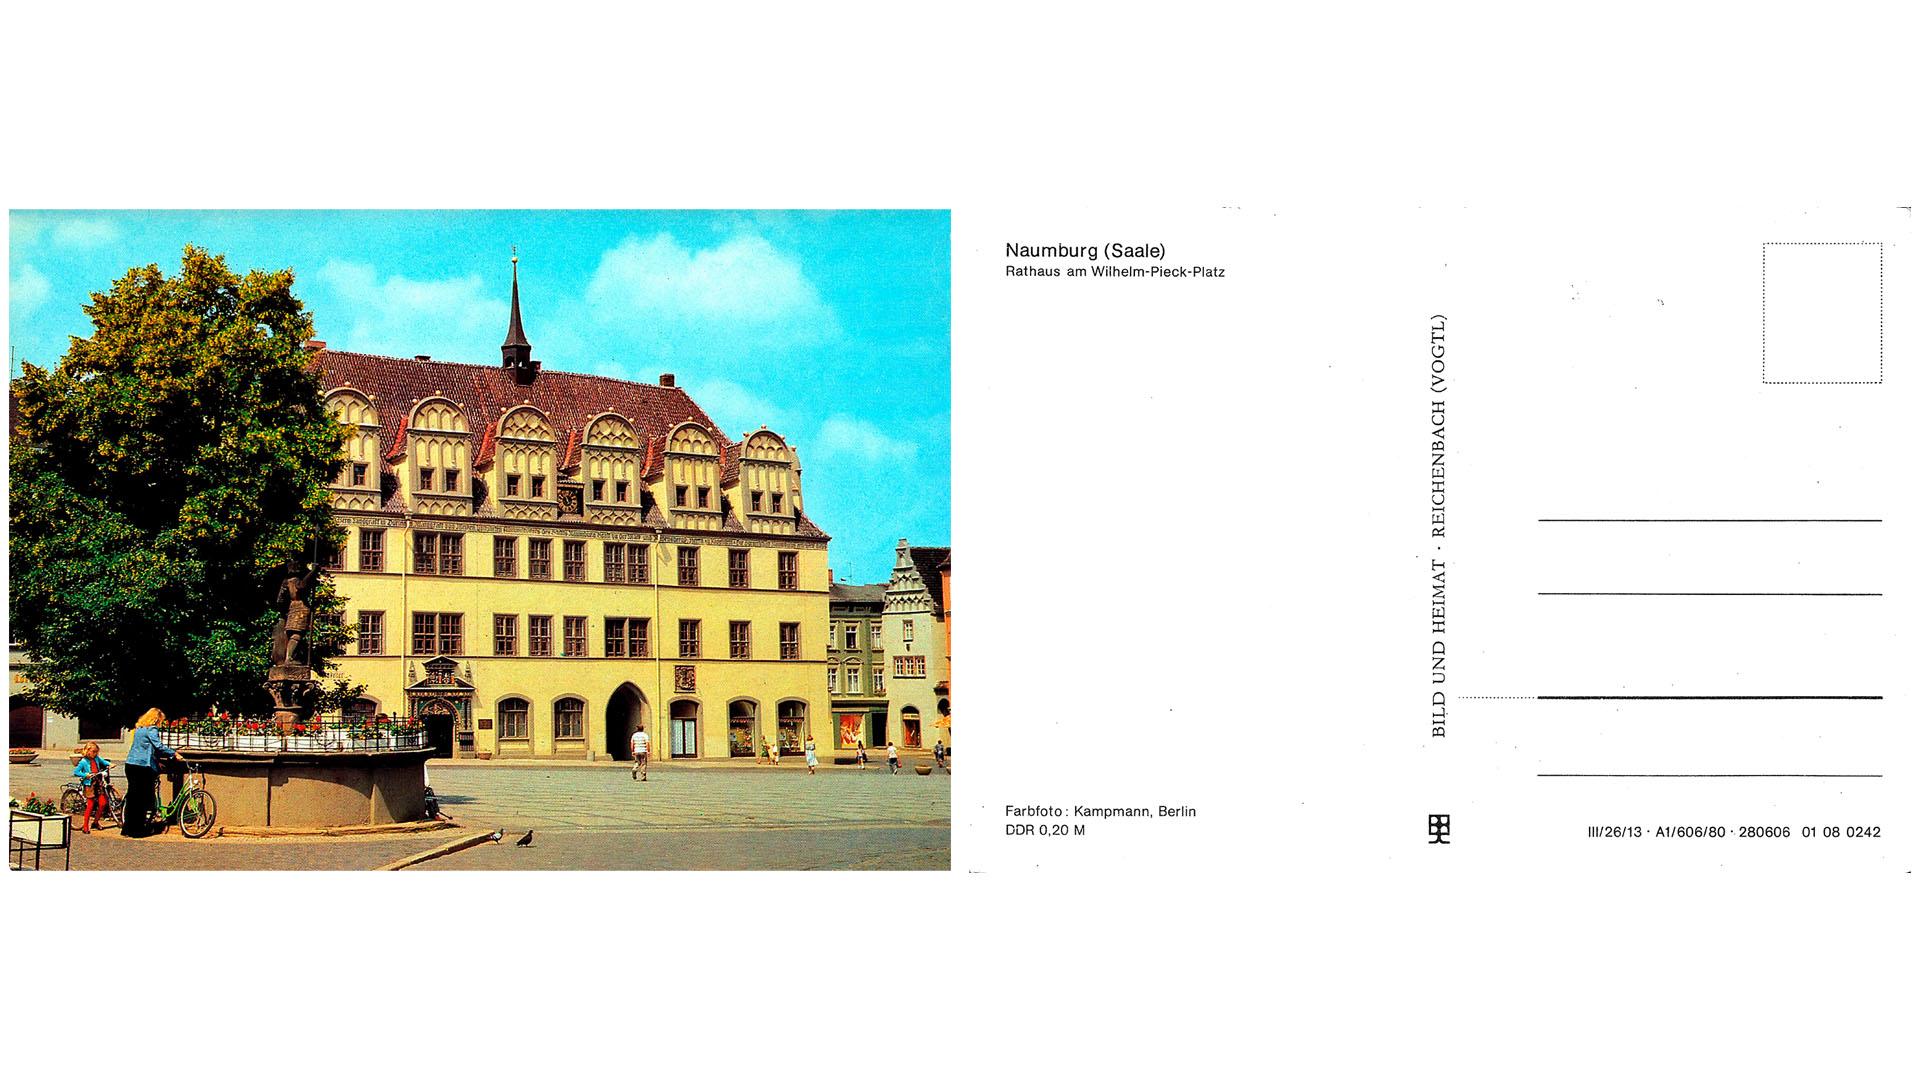 Naumburg - Rathaus